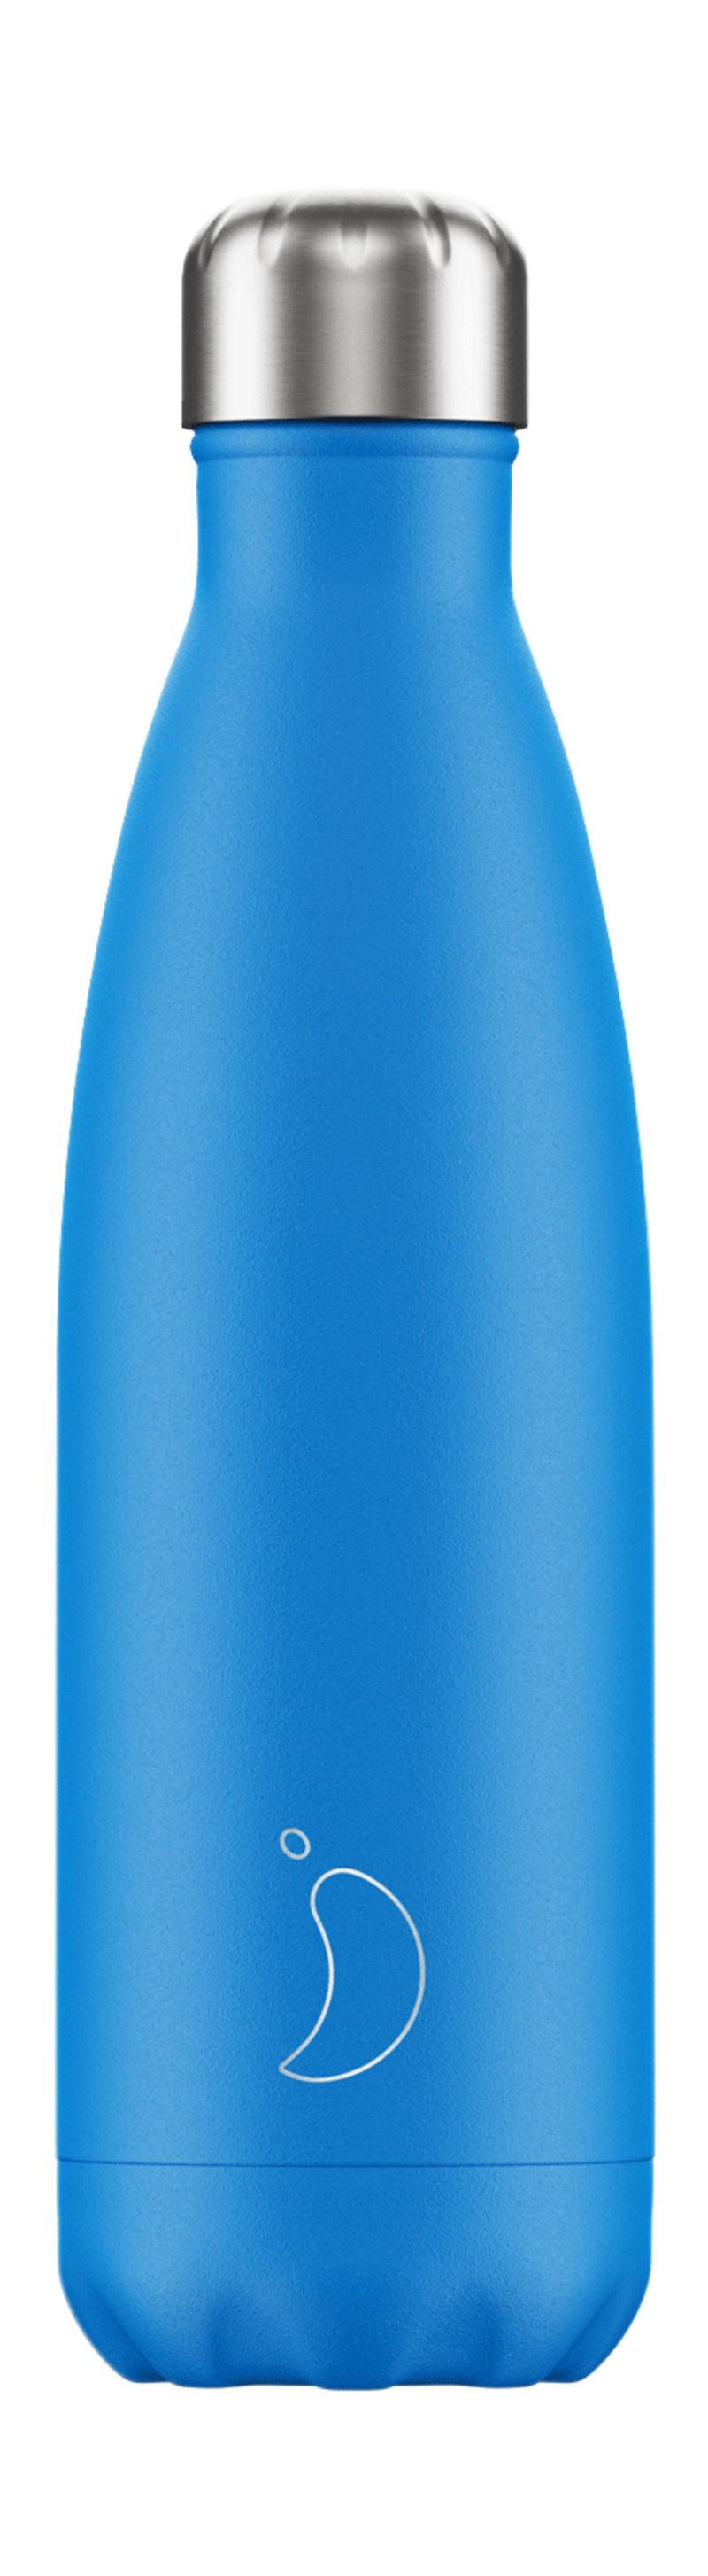 Botella Inox Azul Neon 500ml -